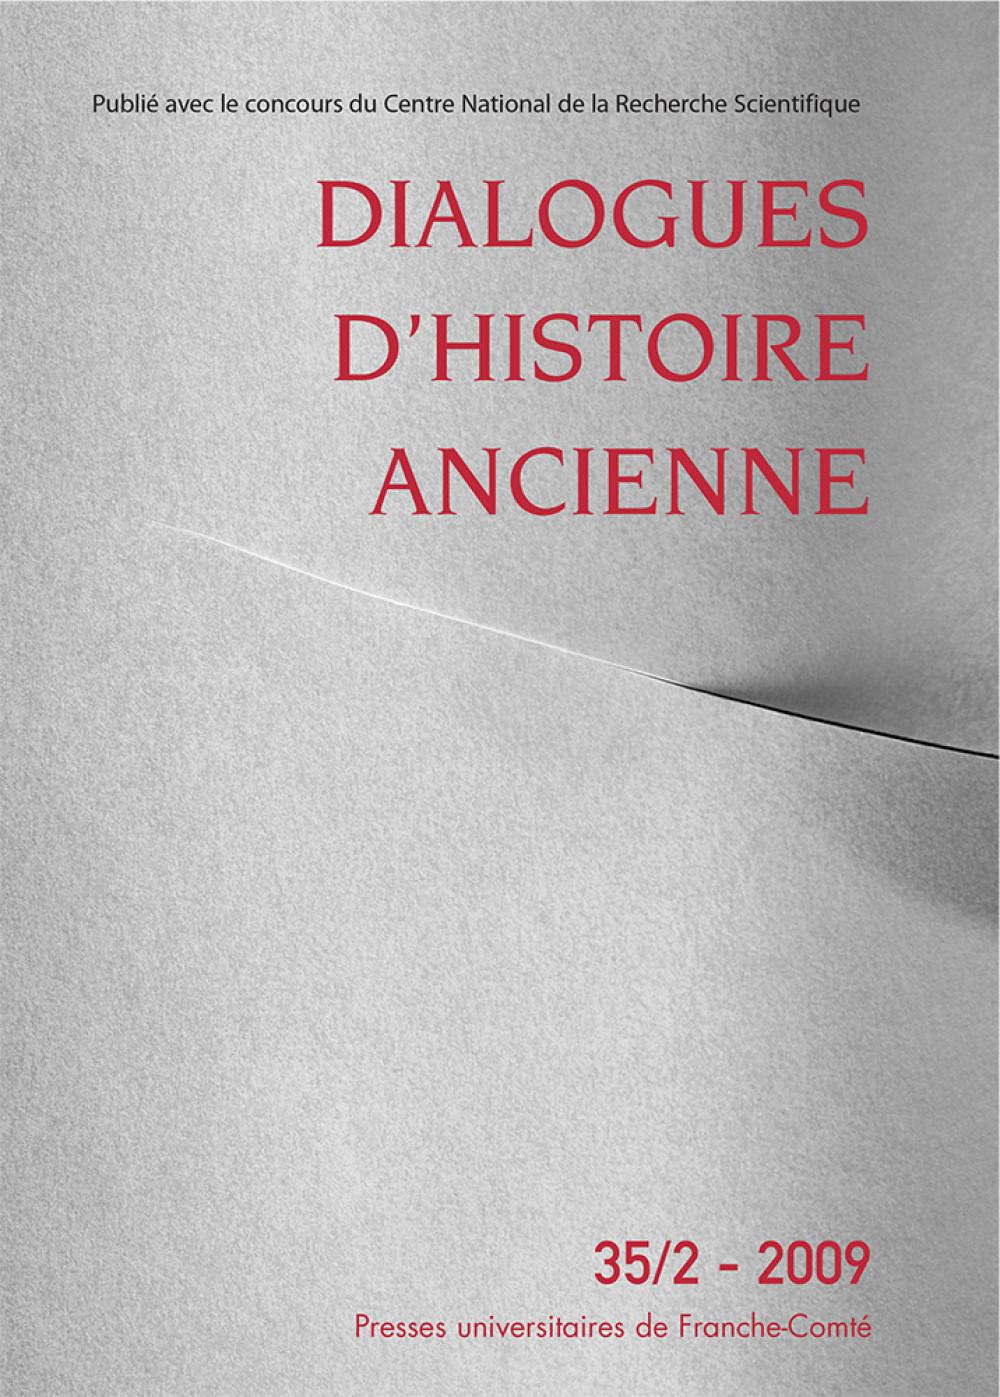 Dialogues d'Histoire Ancienne 35/2